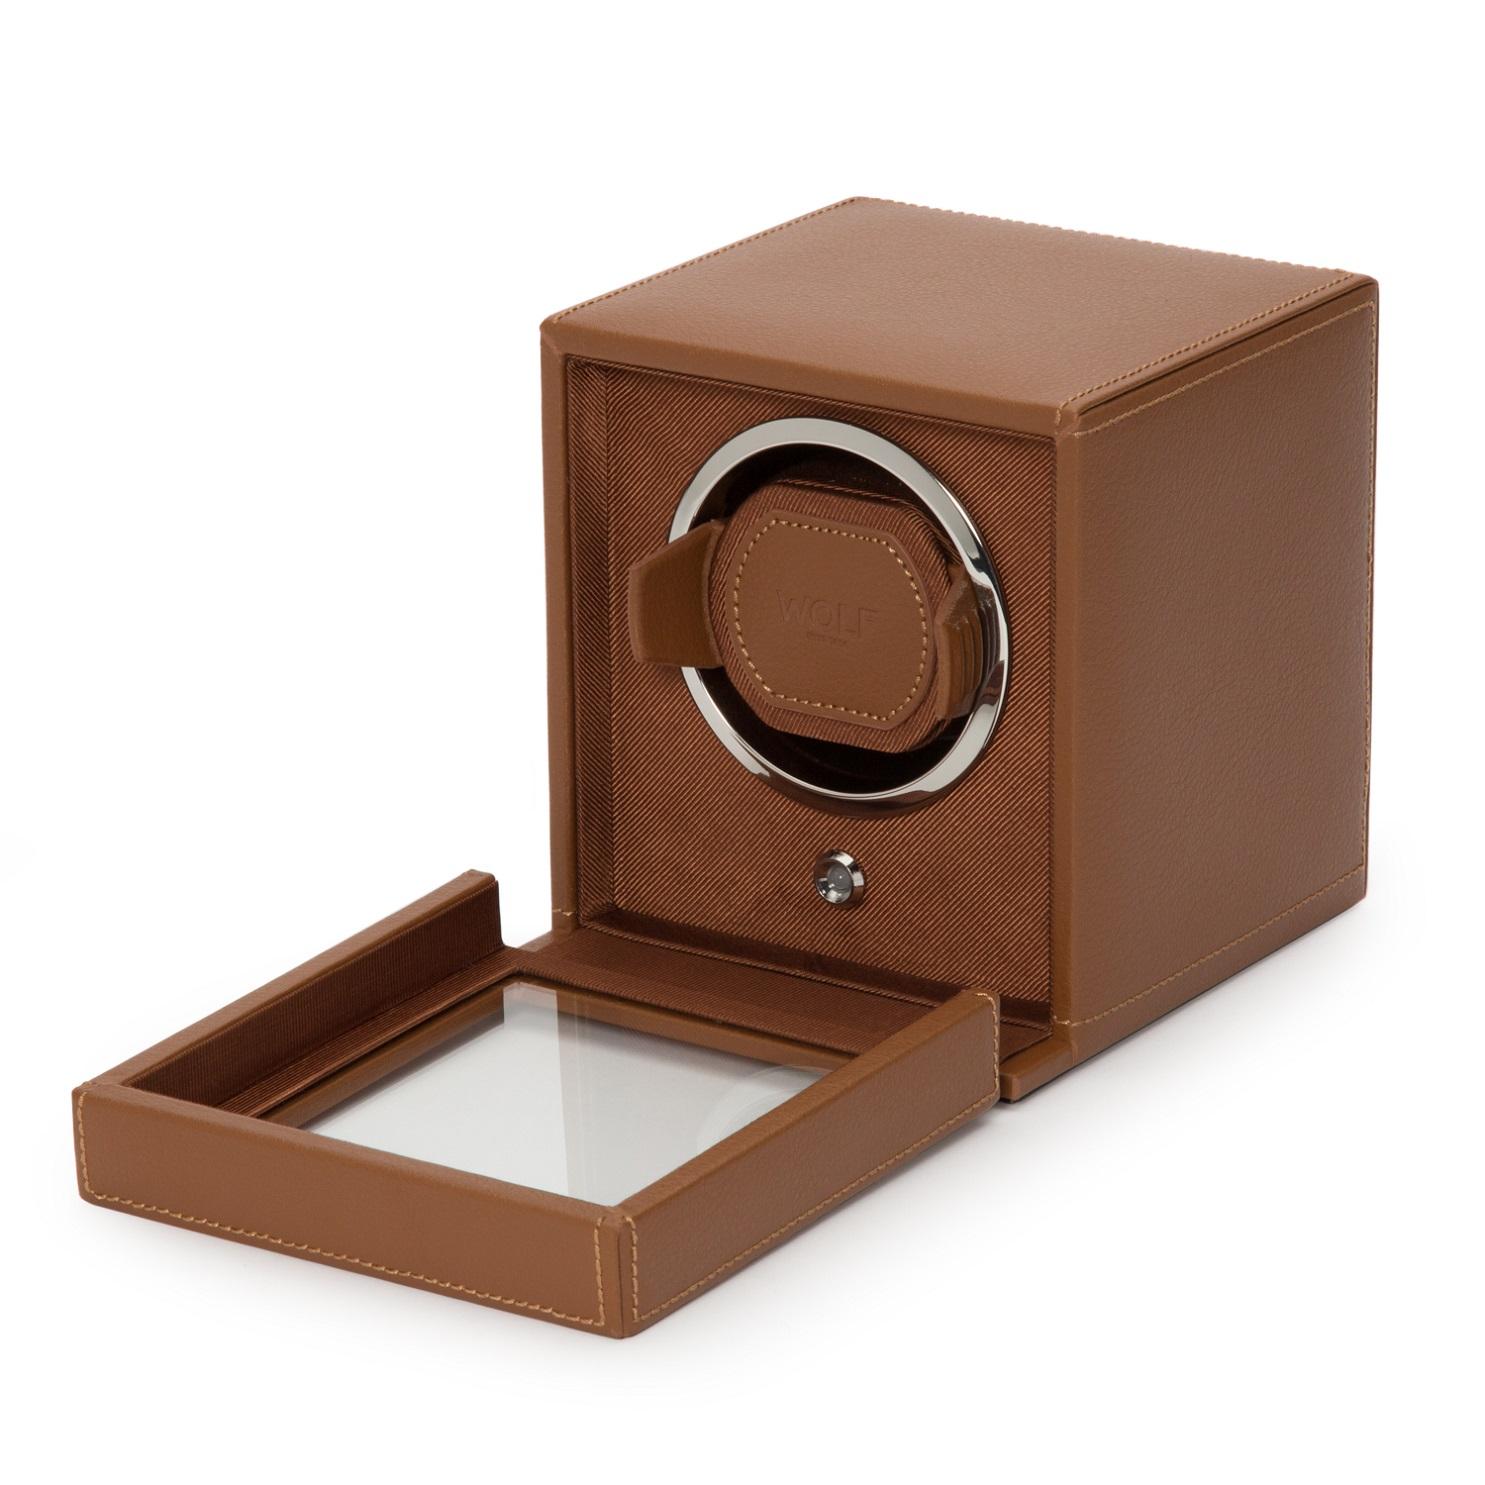 Uhrenbeweger Cub für eine Uhr in Cognac